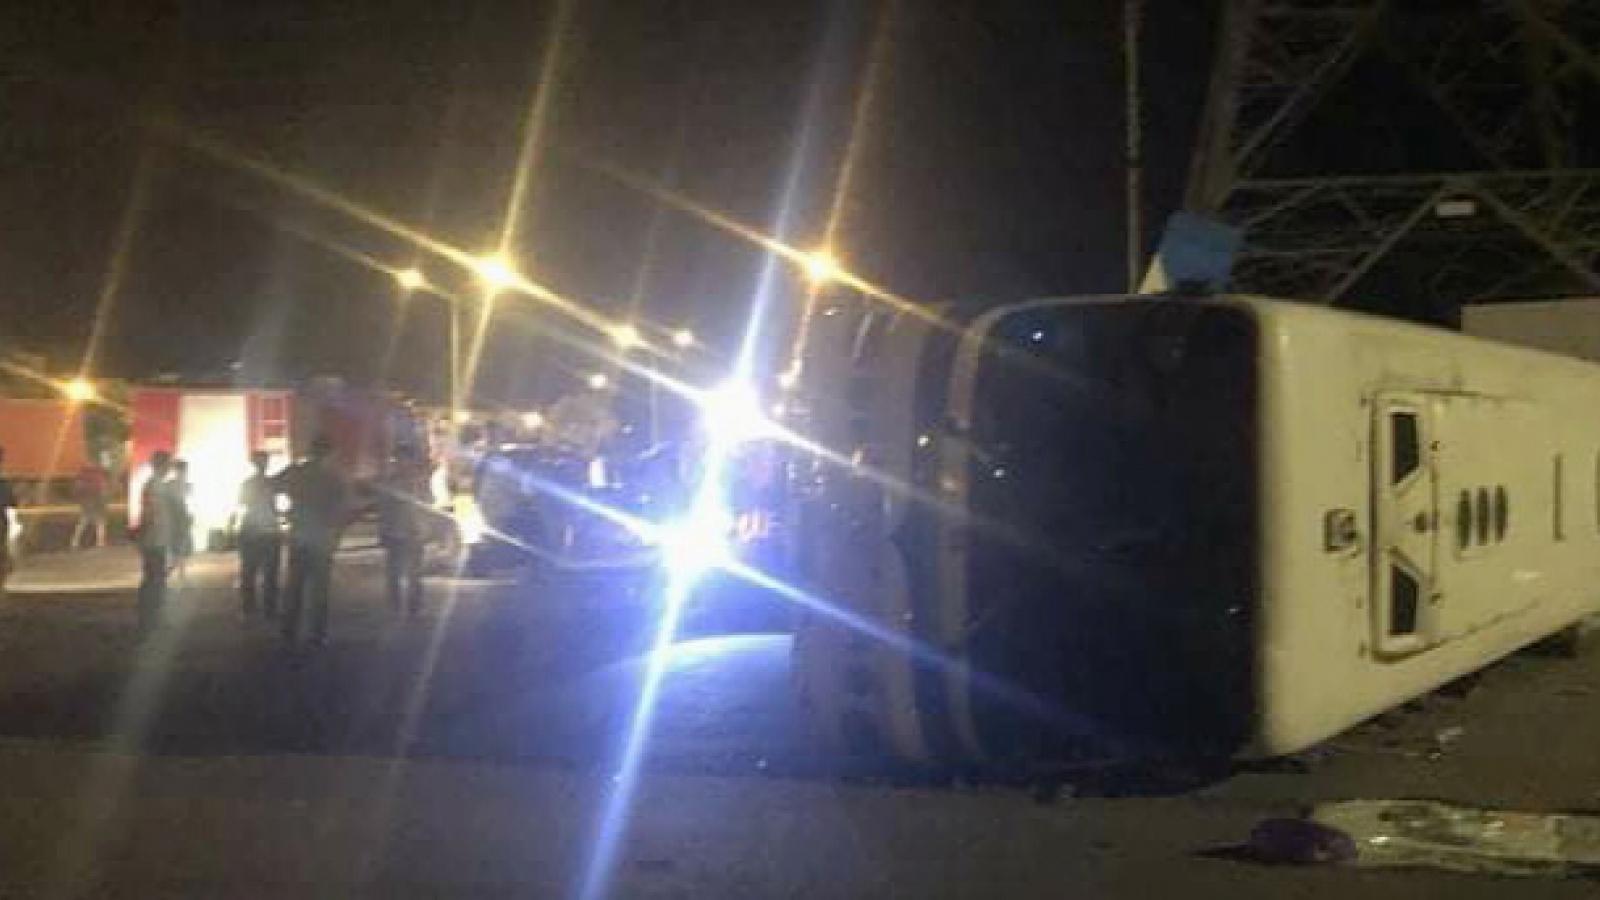 Lật xe chở công nhân tan ca khiến 1 người chết, 10 người bị thương